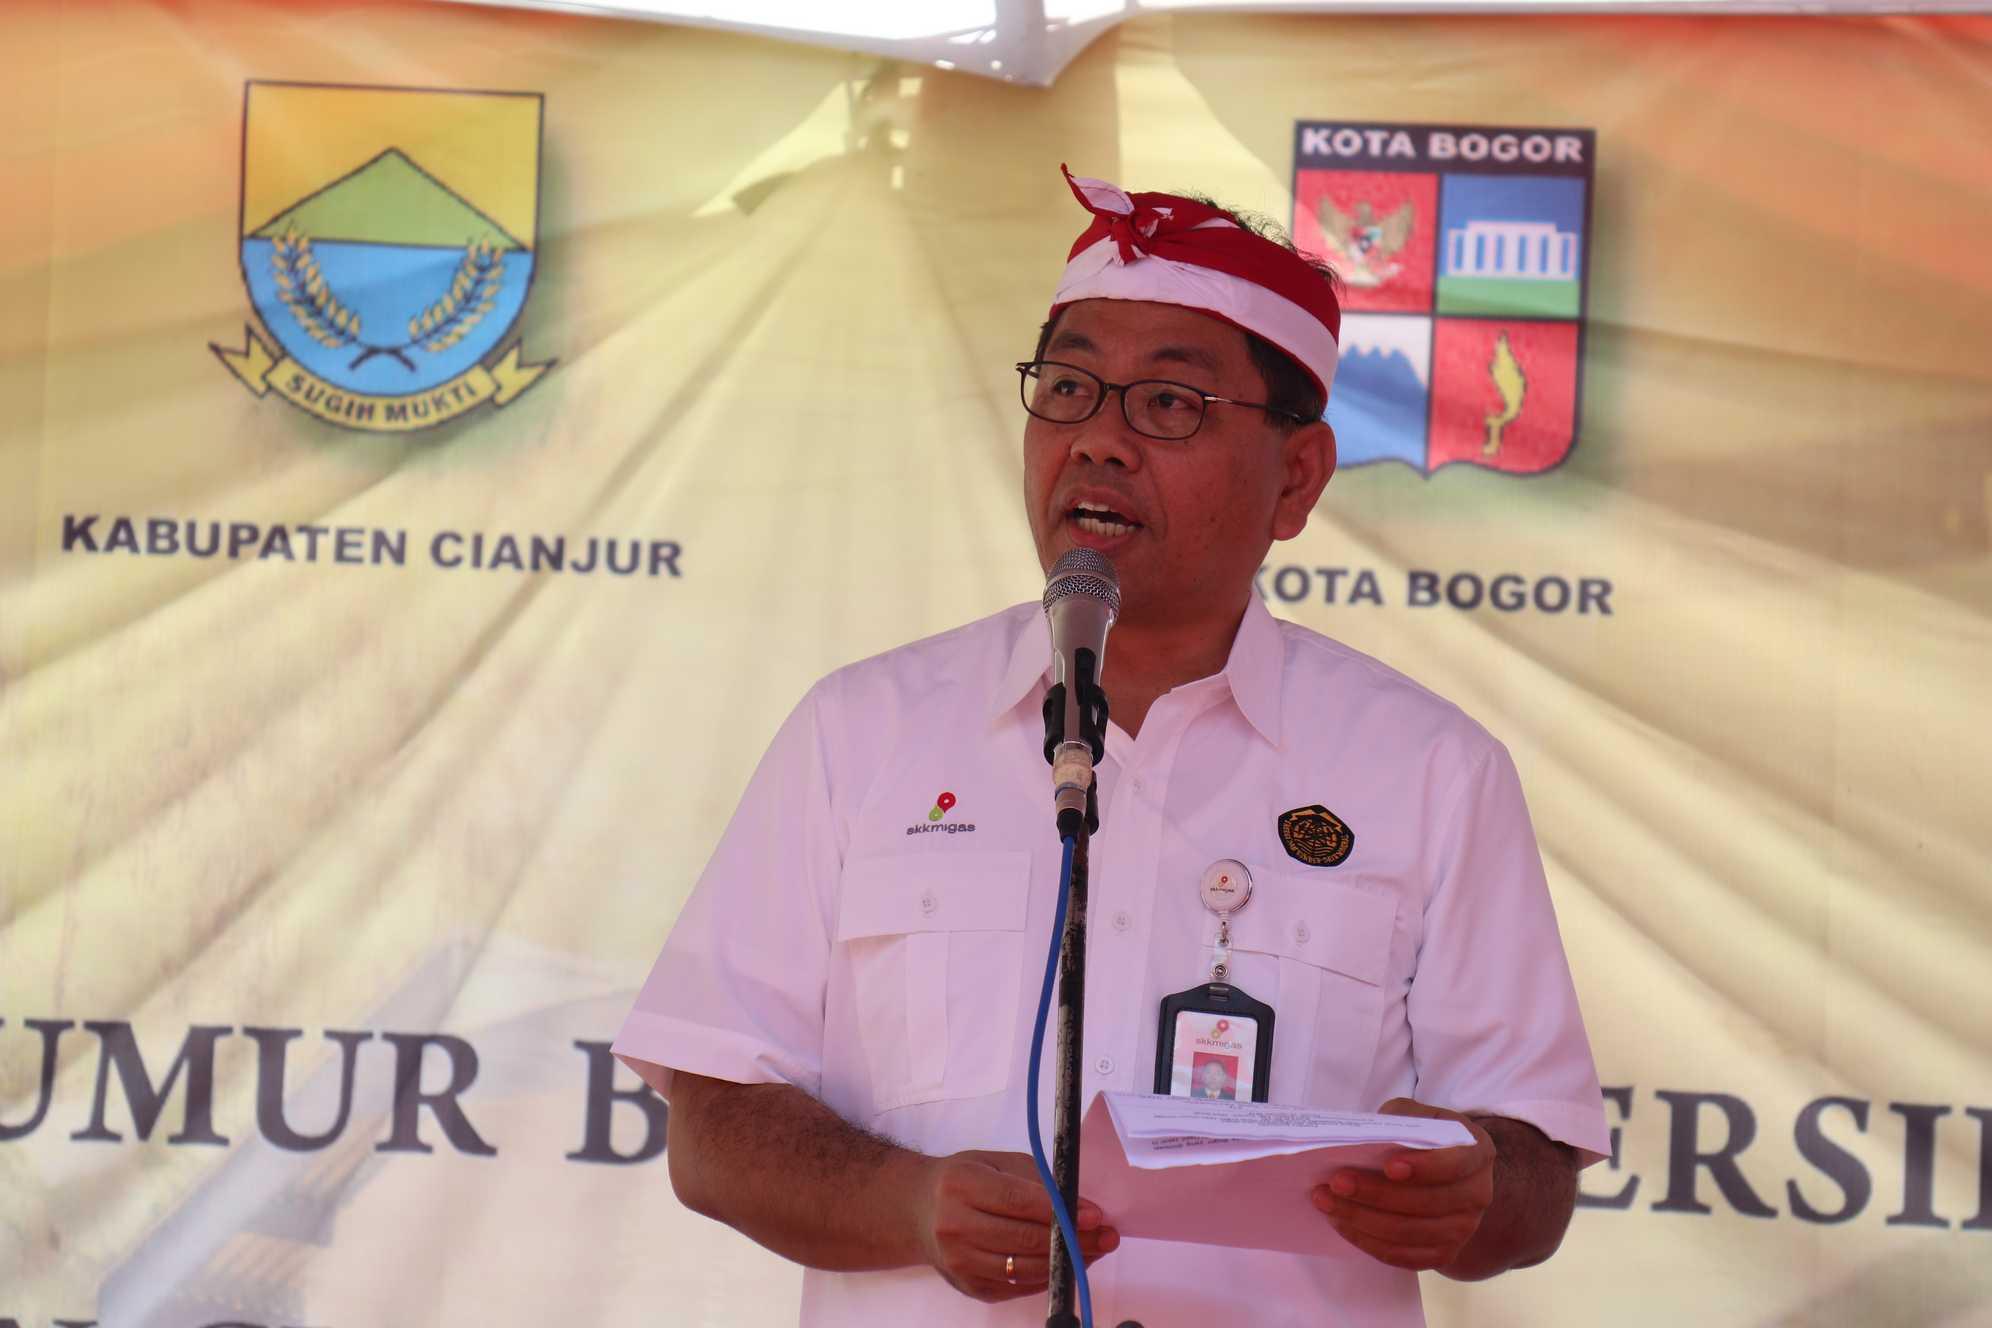 Sambutan Deputi Keuangan dan Monetisasi SKK Migas, Parulian Sihotang pada Peresmian Lampu PJU-TS di Cianjur